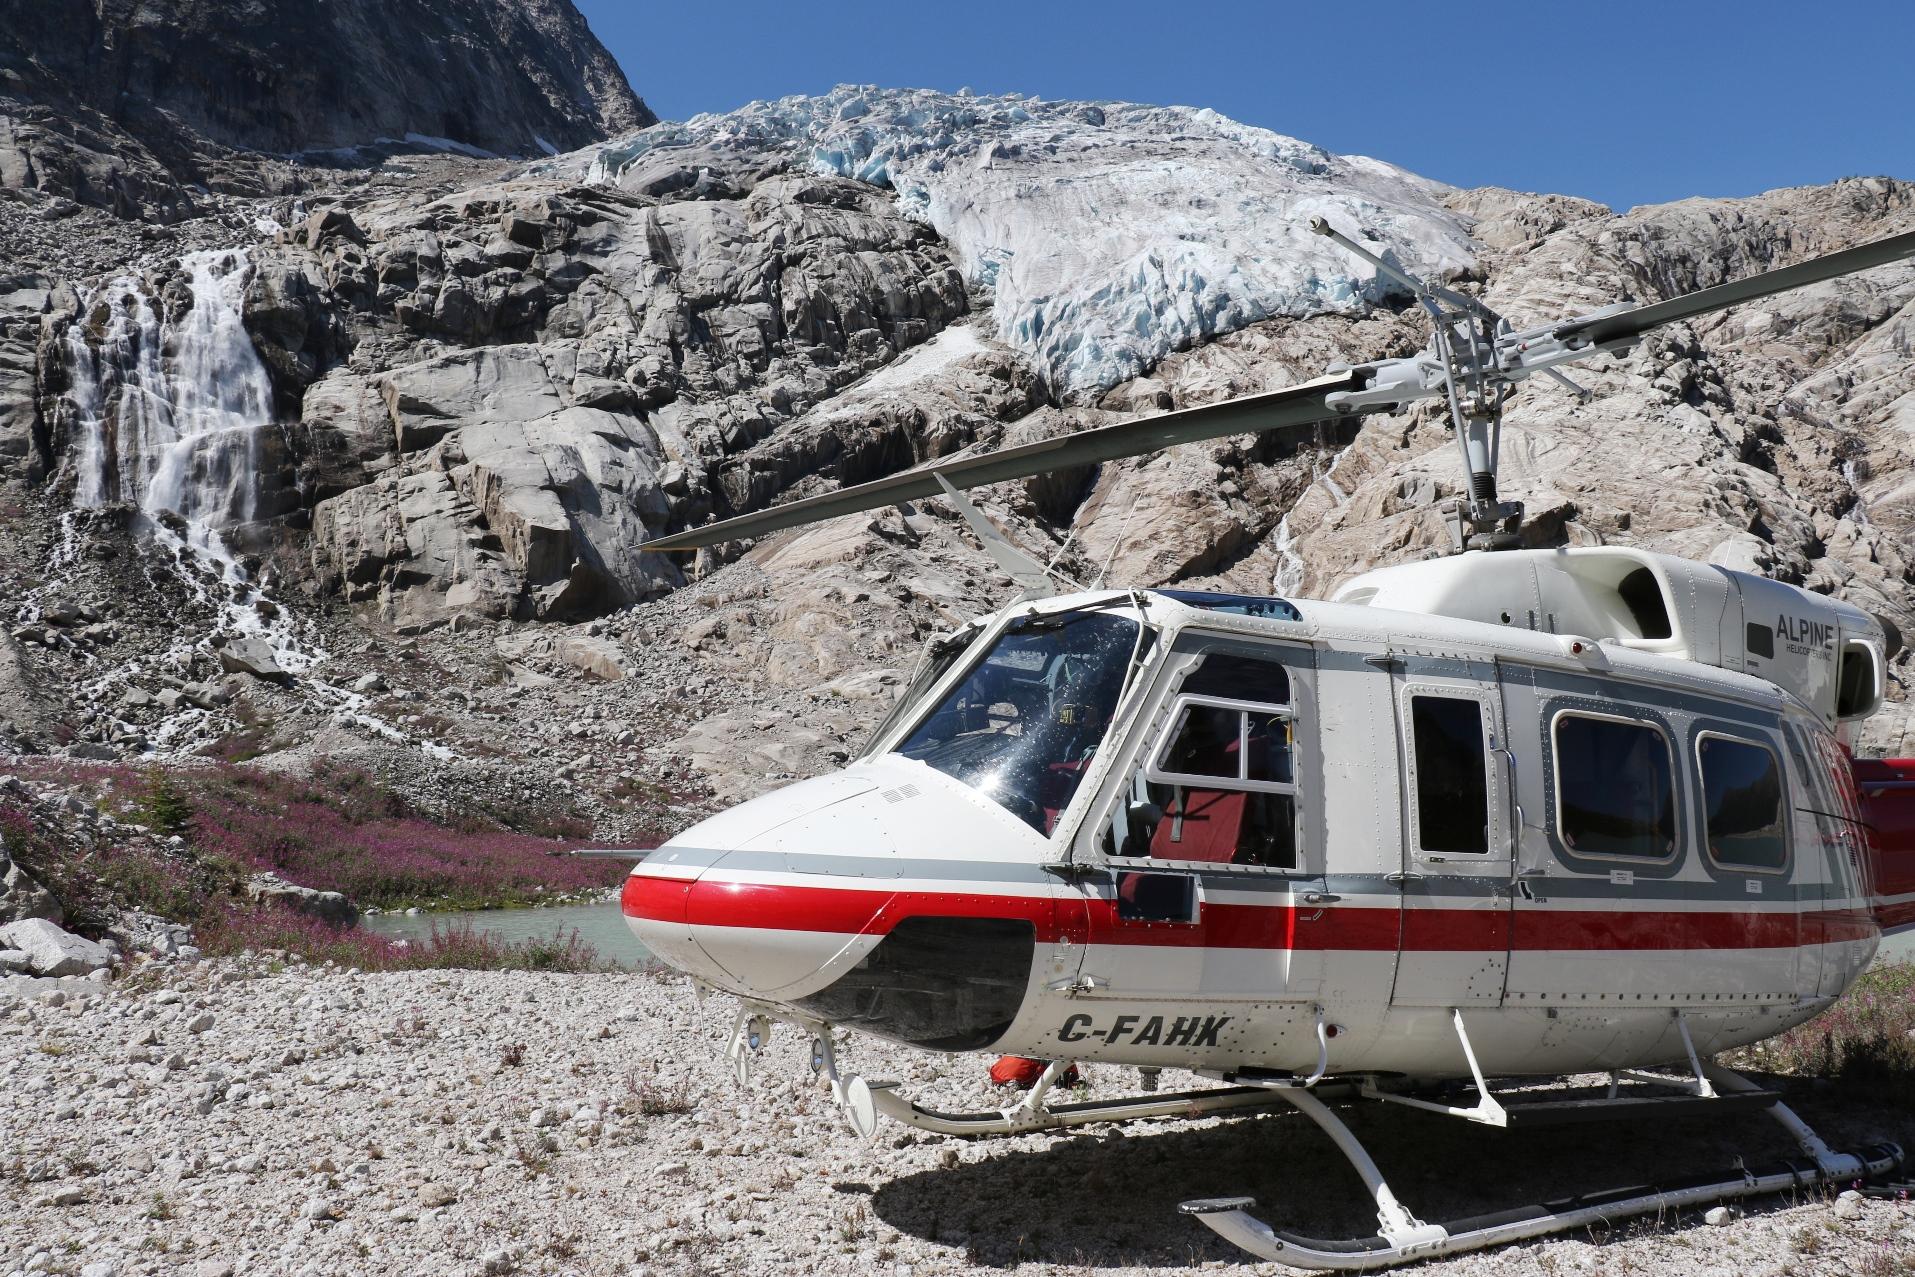 ヘリは、歩いては辿り着けないような頂上稜線や氷河の近くに降り立ちます